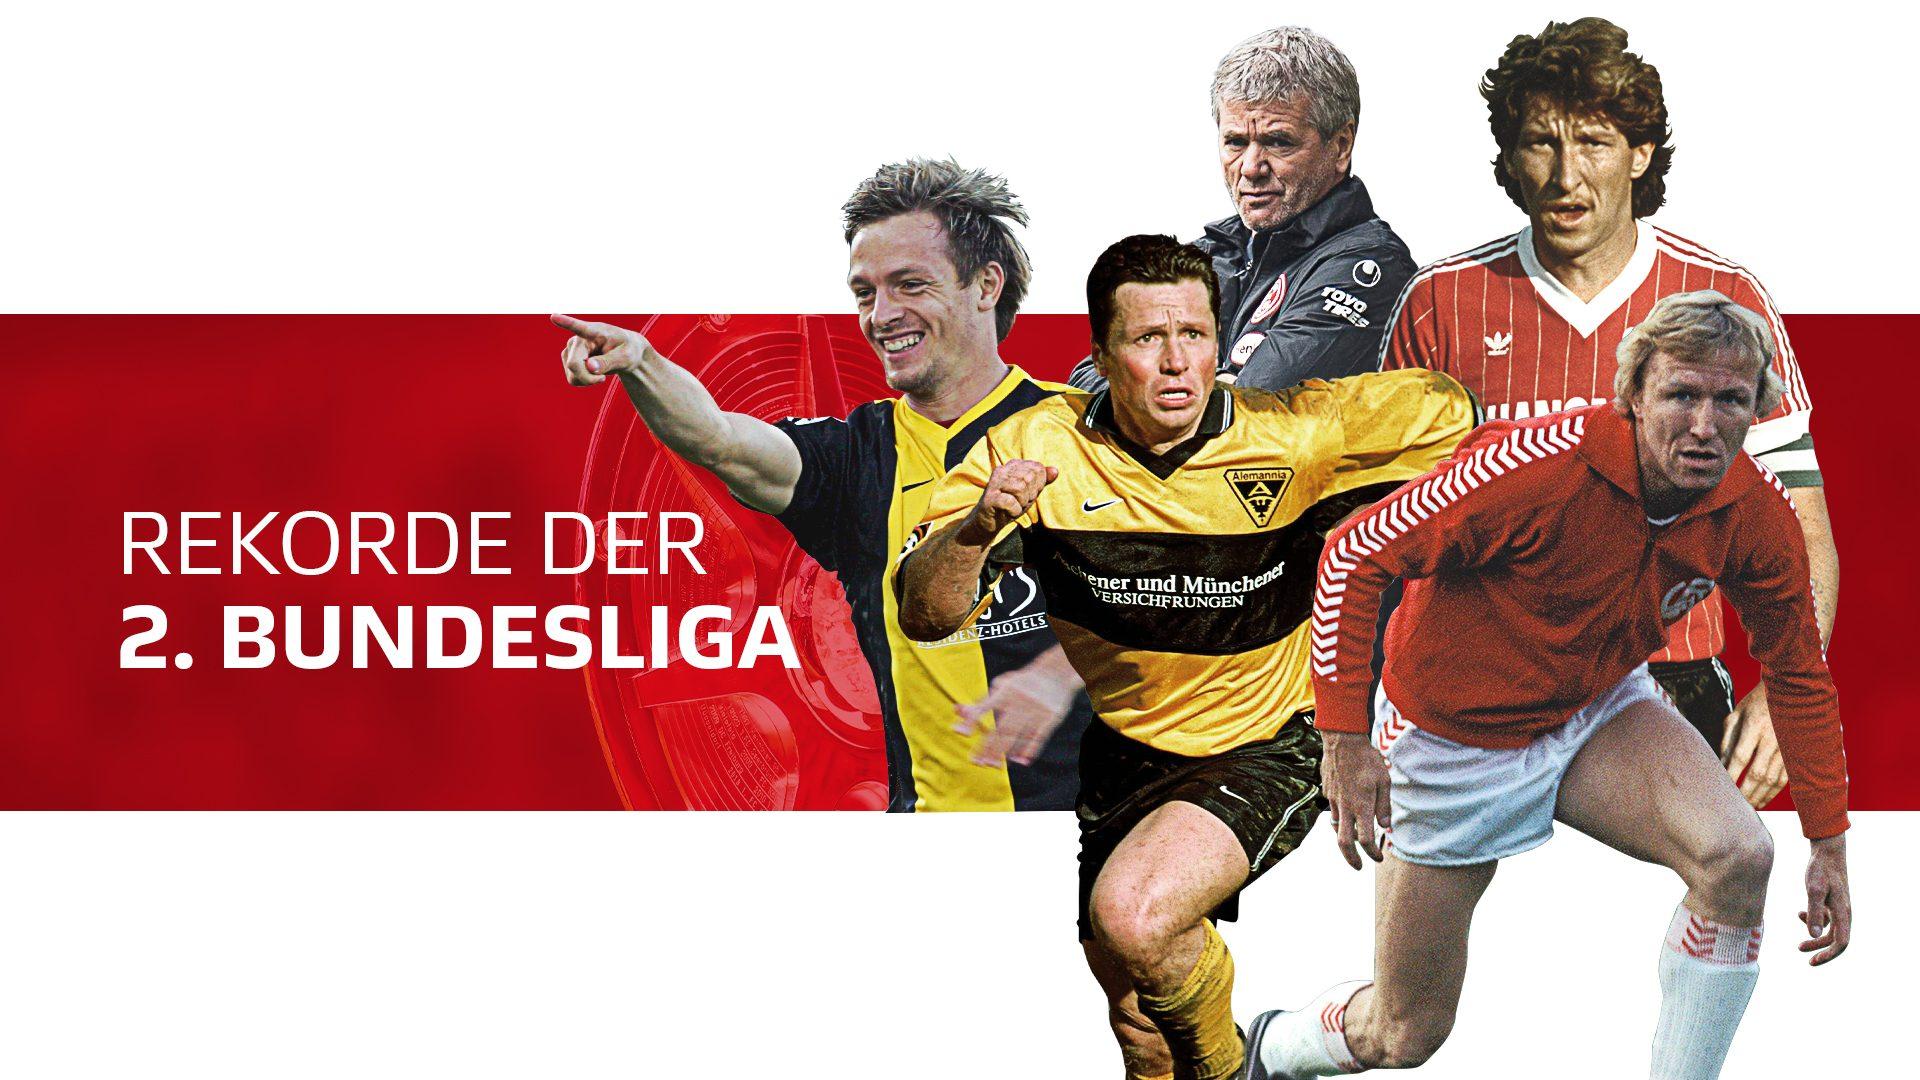 Die Rekorde der 2. Bundesliga